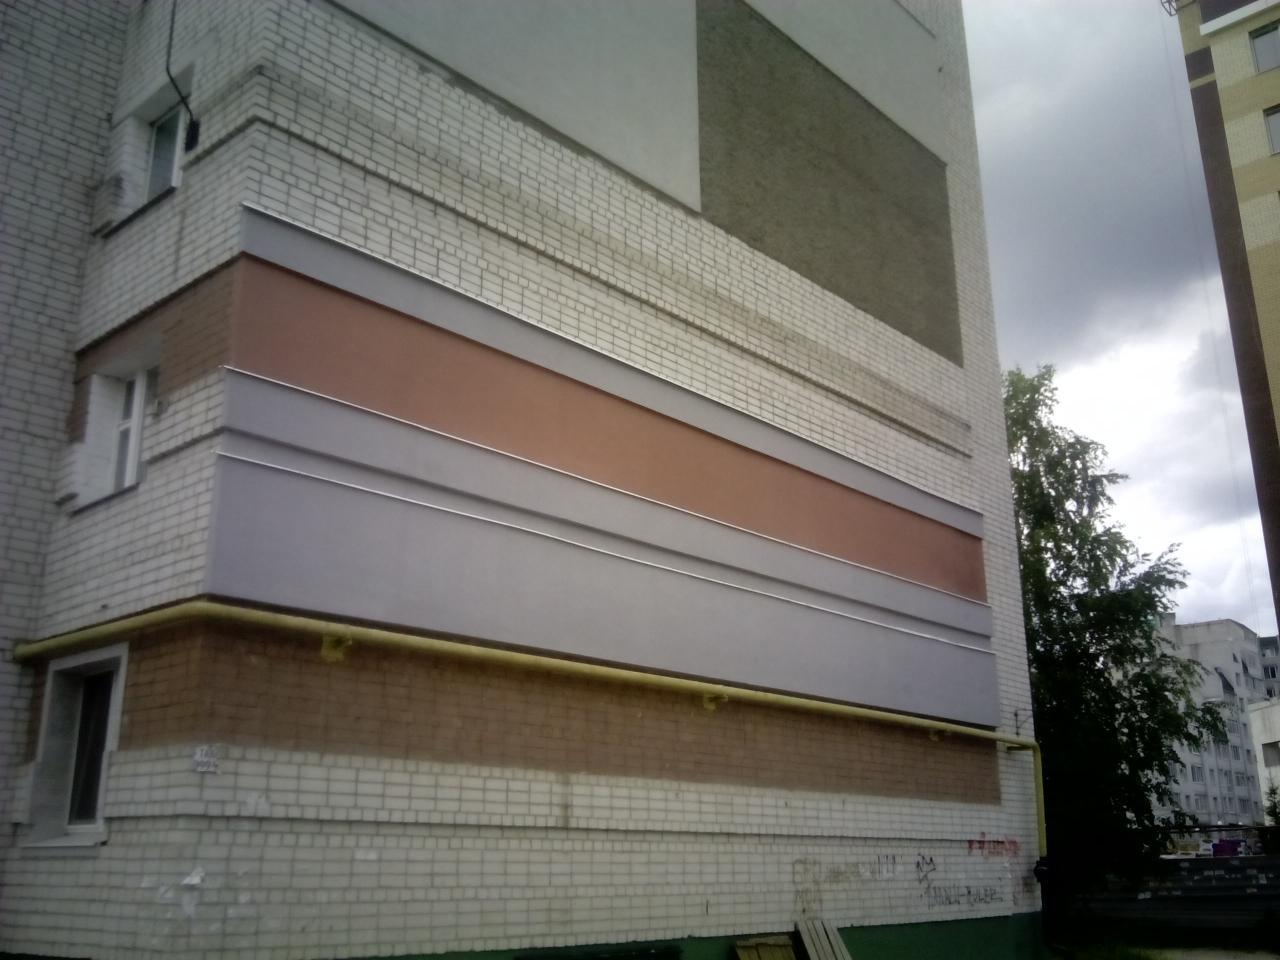 Утепление стен квартир, домов. Отделка фасада | фото 1 из 4